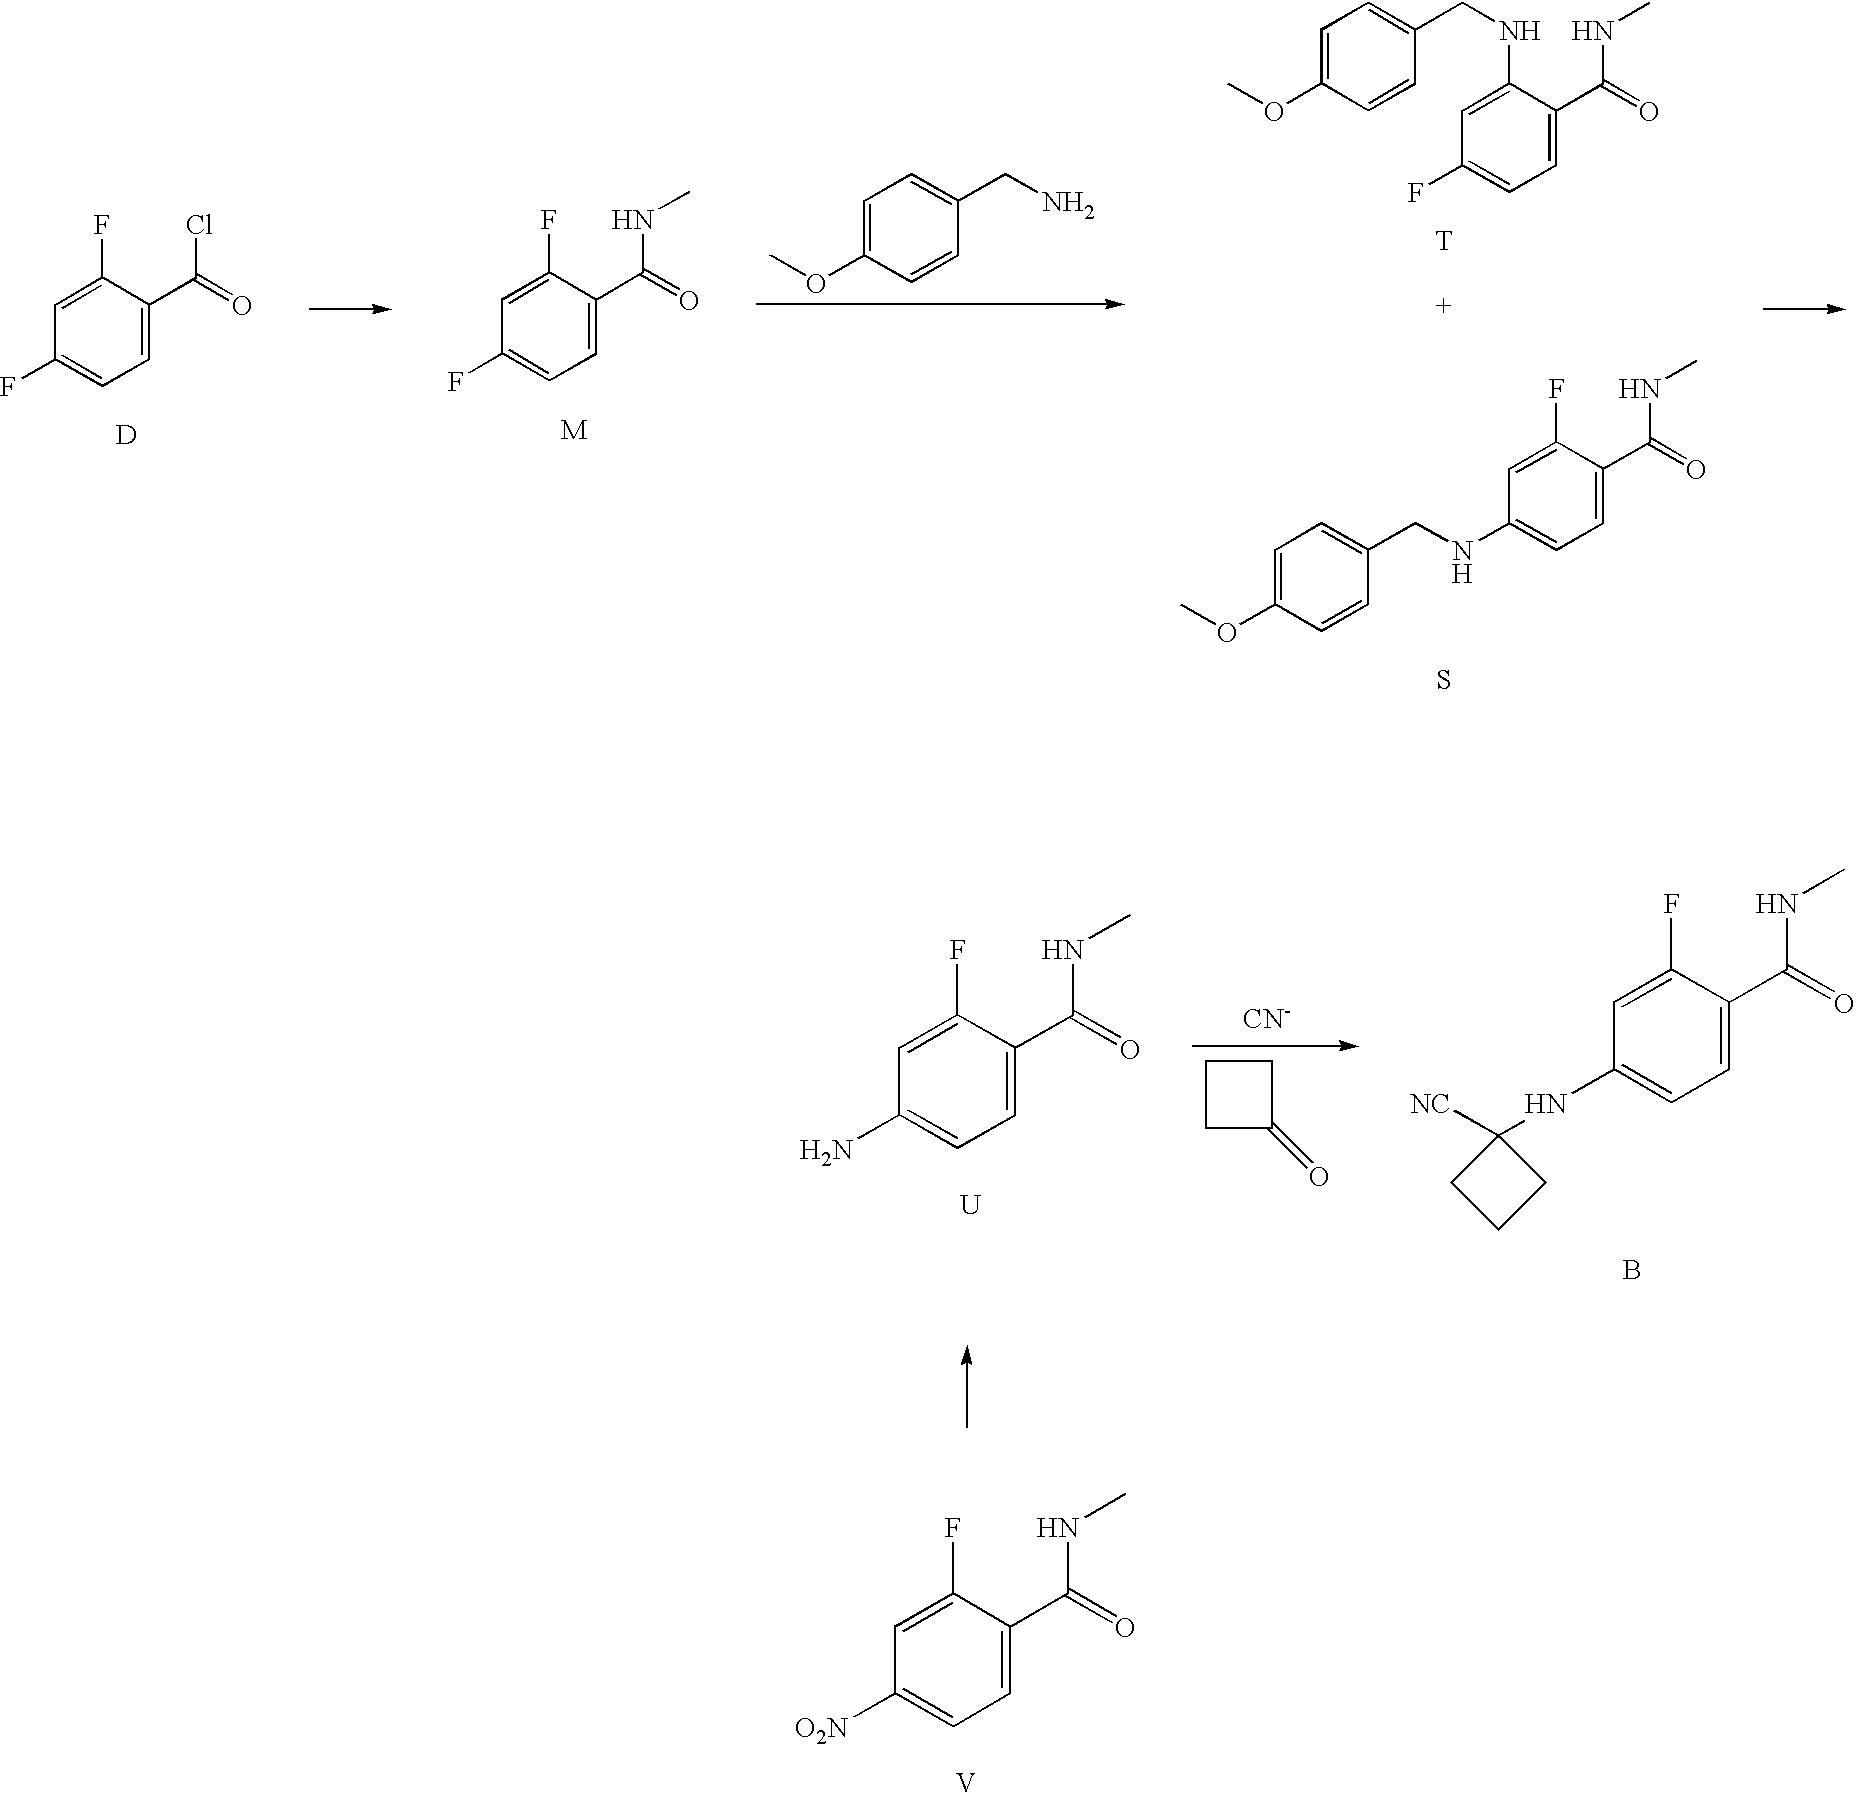 Figure US20100190991A1-20100729-C00067